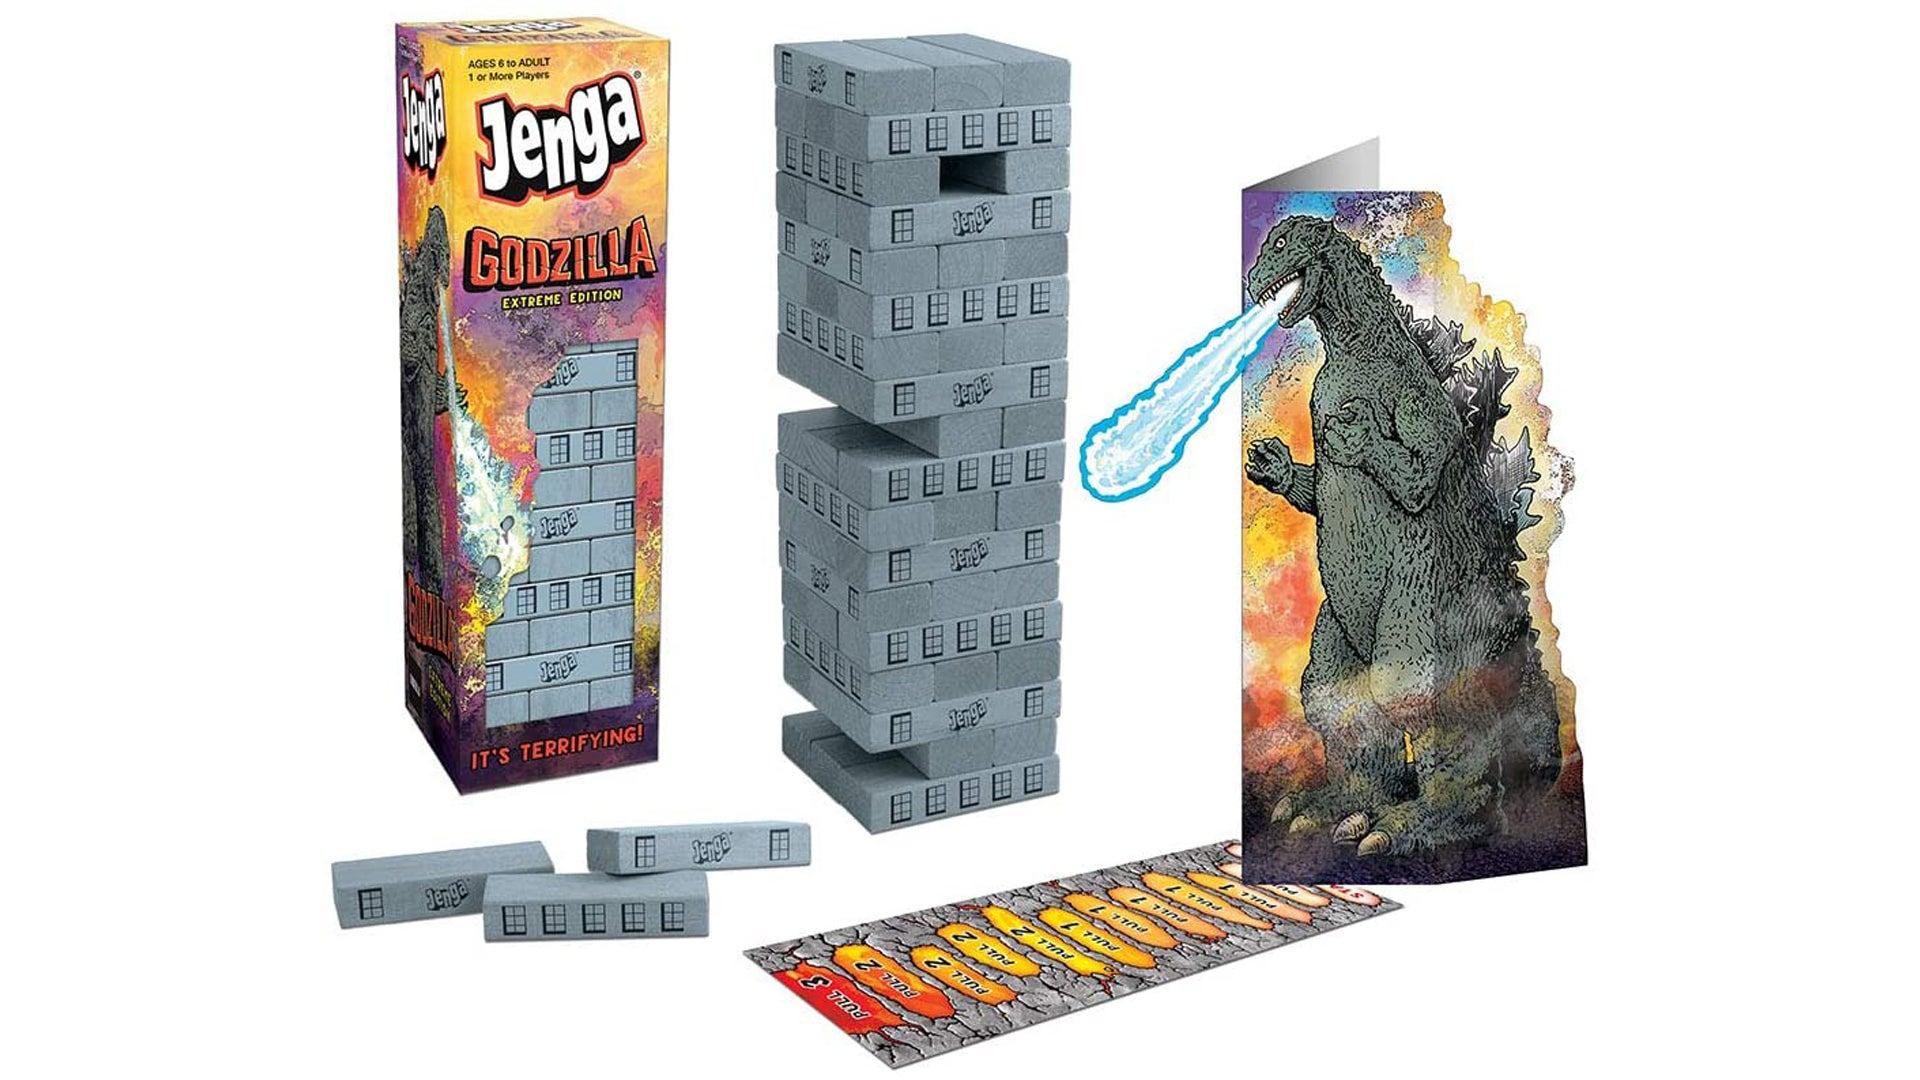 jenga-godzilla-extreme-edition-board-game.jpg